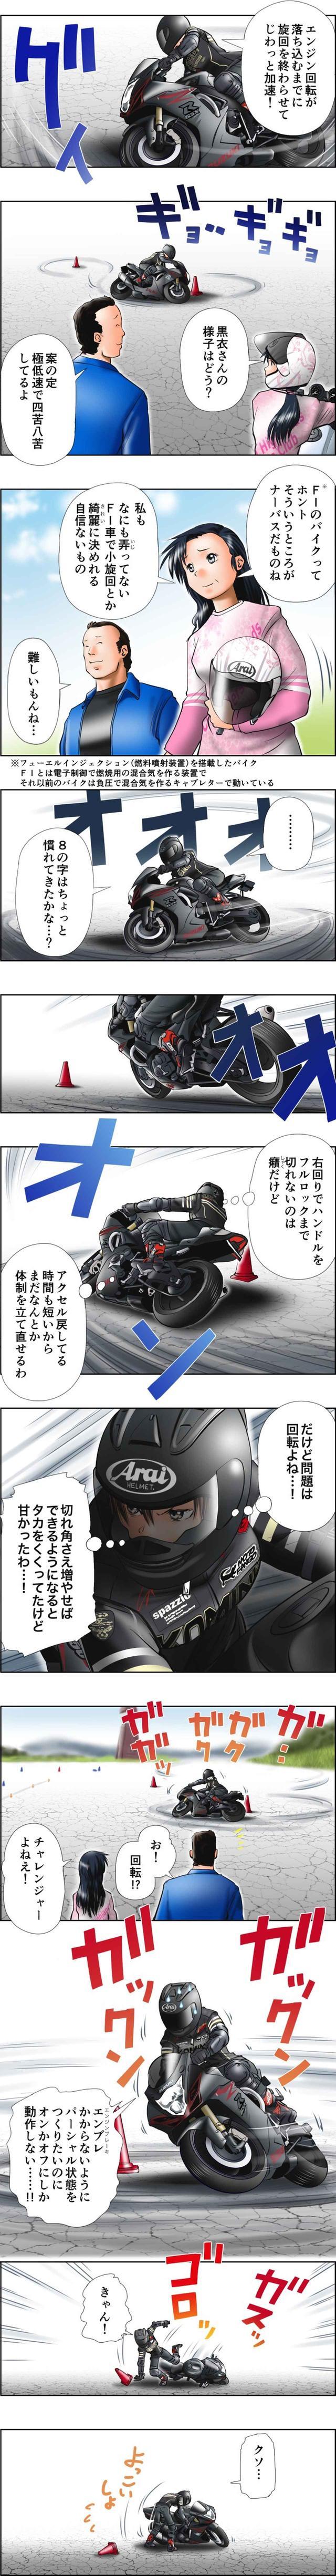 画像: Motoジム!(第19話:極低速は慎重に!) 作・ばどみゅーみん - Webオートバイ